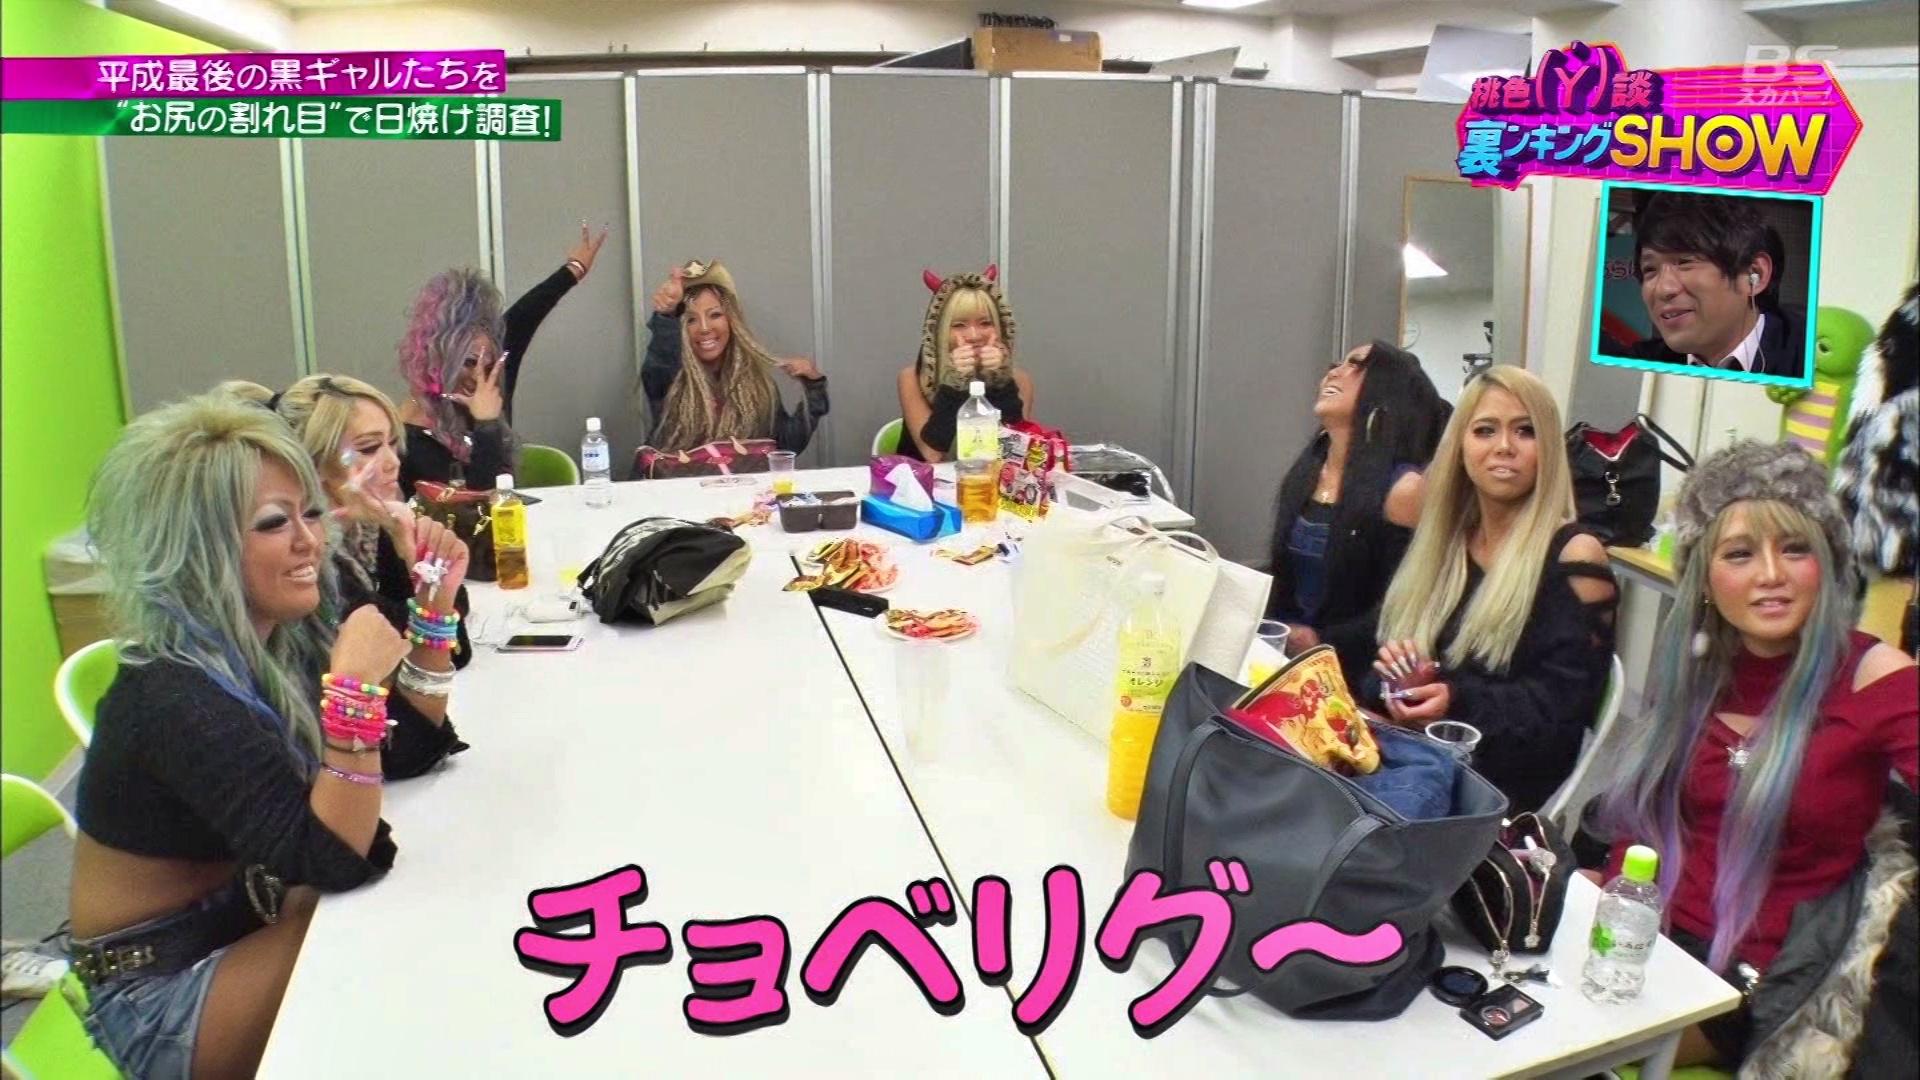 桃色Y談裏ンキングSHOW#9「黒ギャル日焼けクイーン」のテレビキャプチャー画像-004